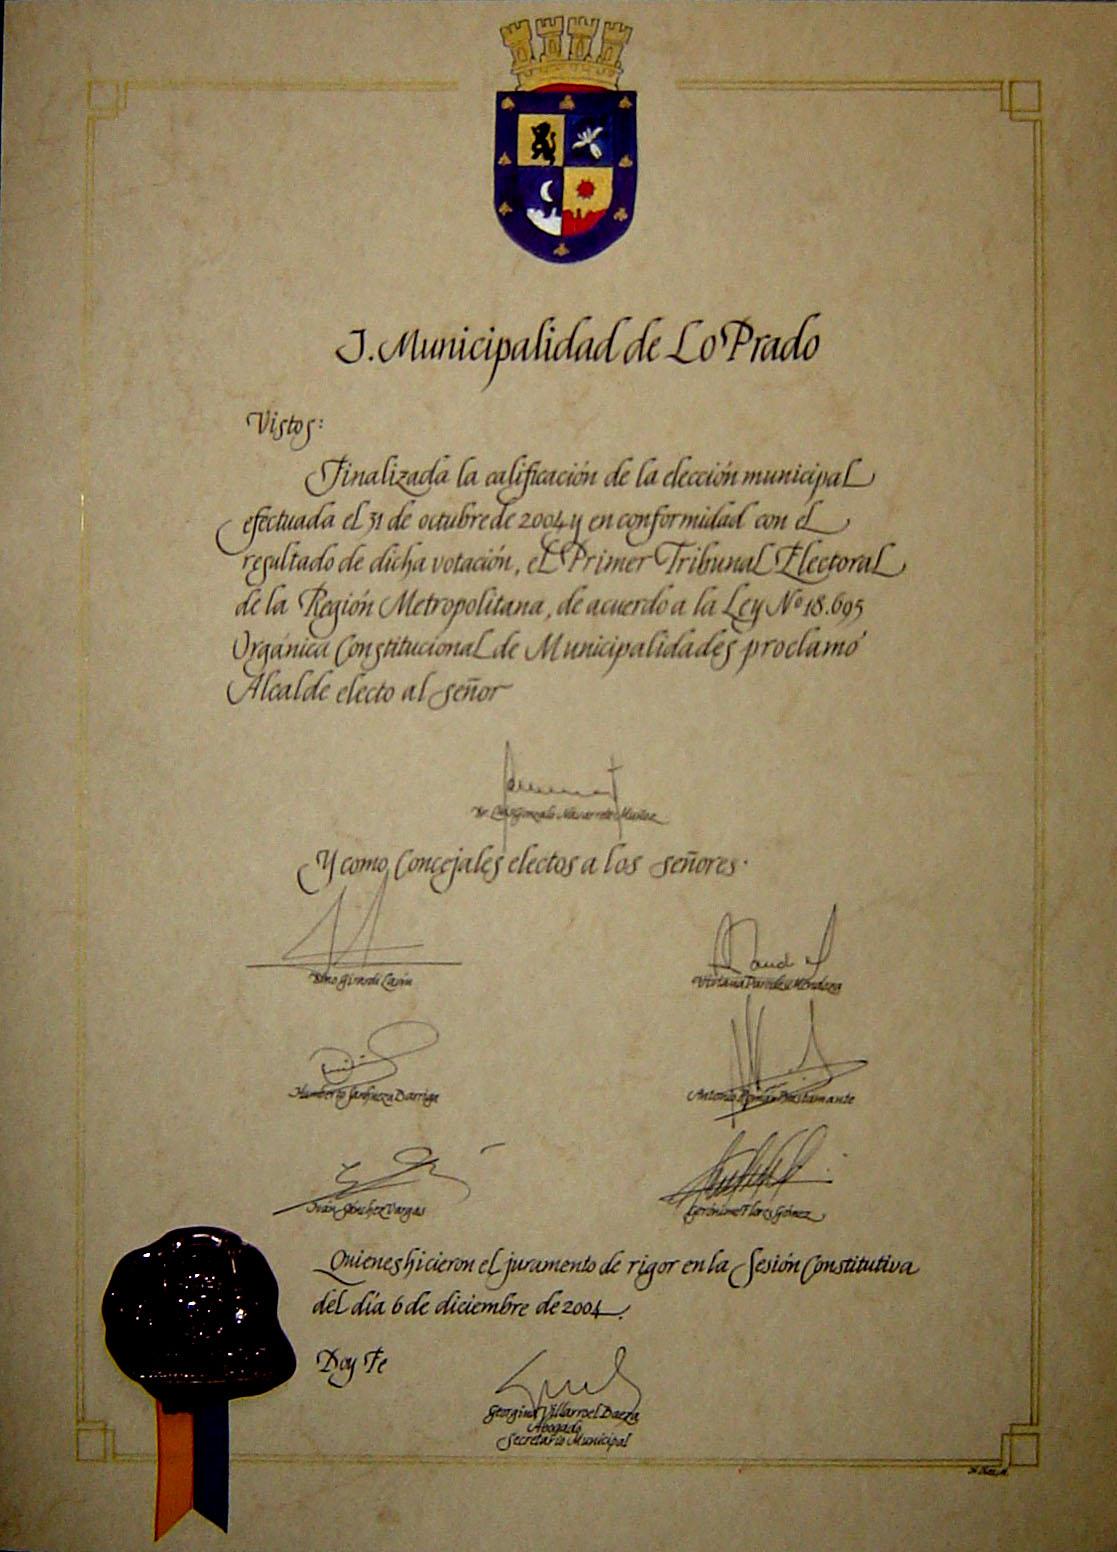 Lo_Prado_2006